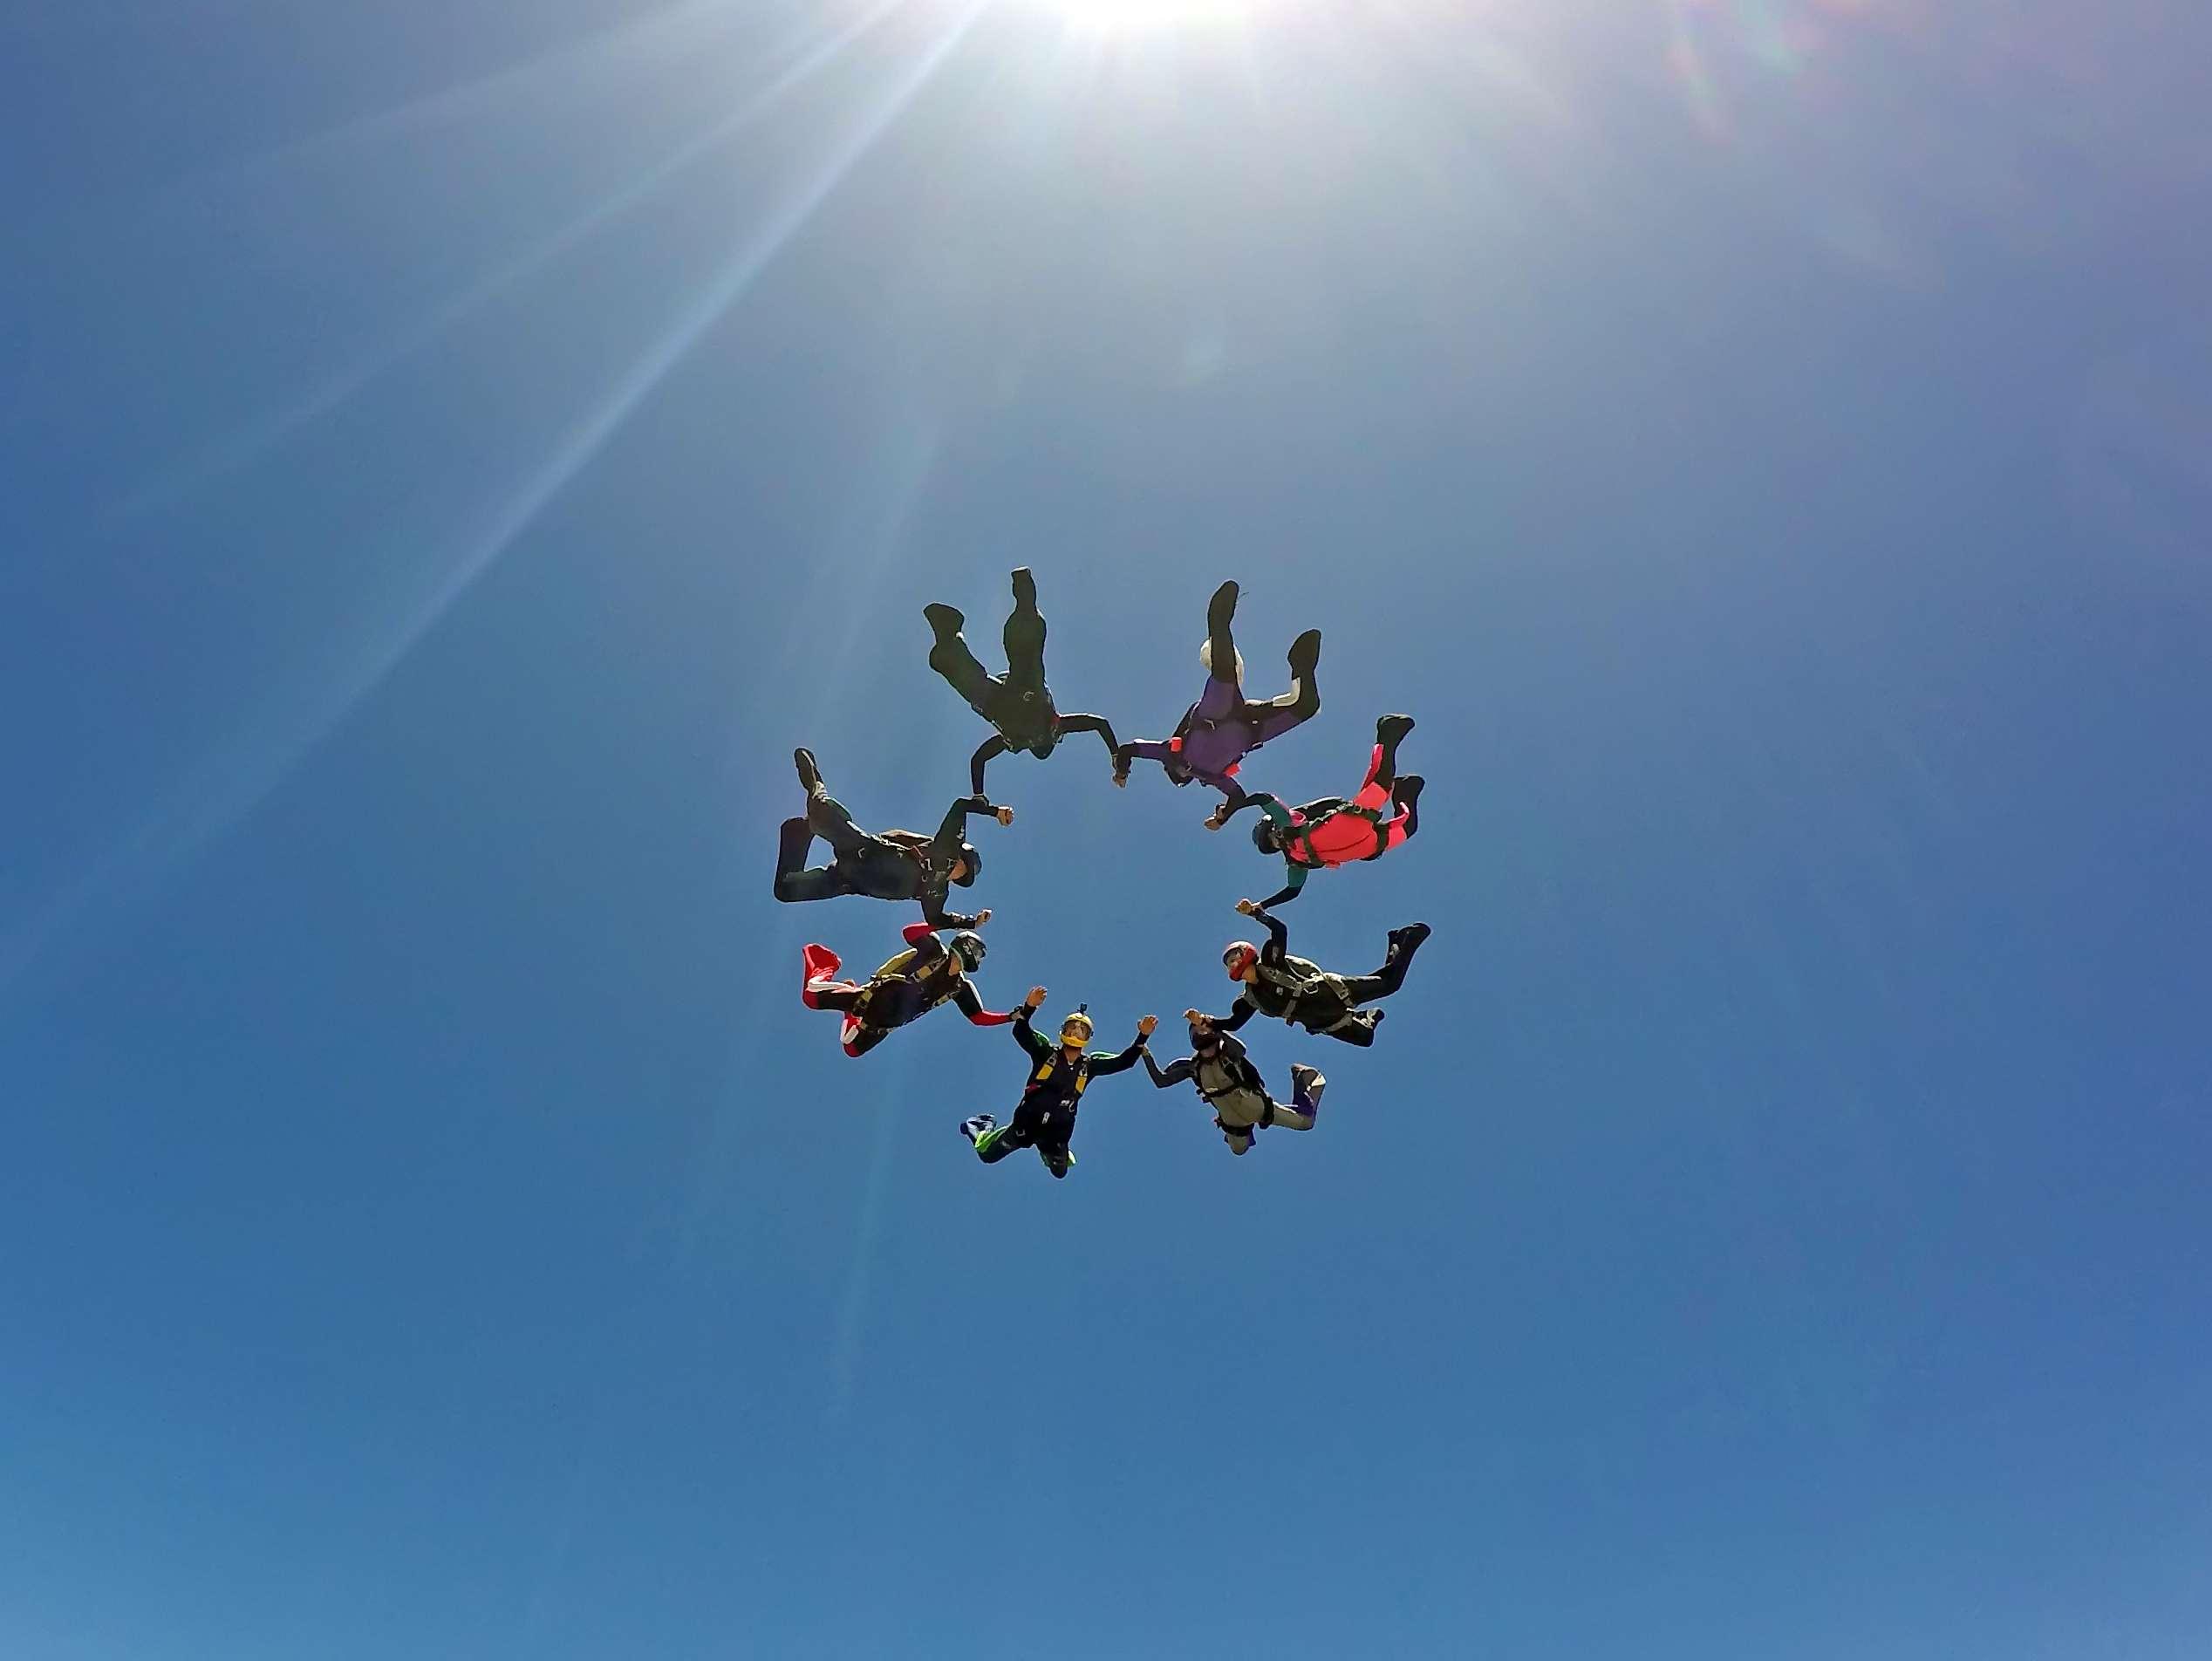 friends skydiving